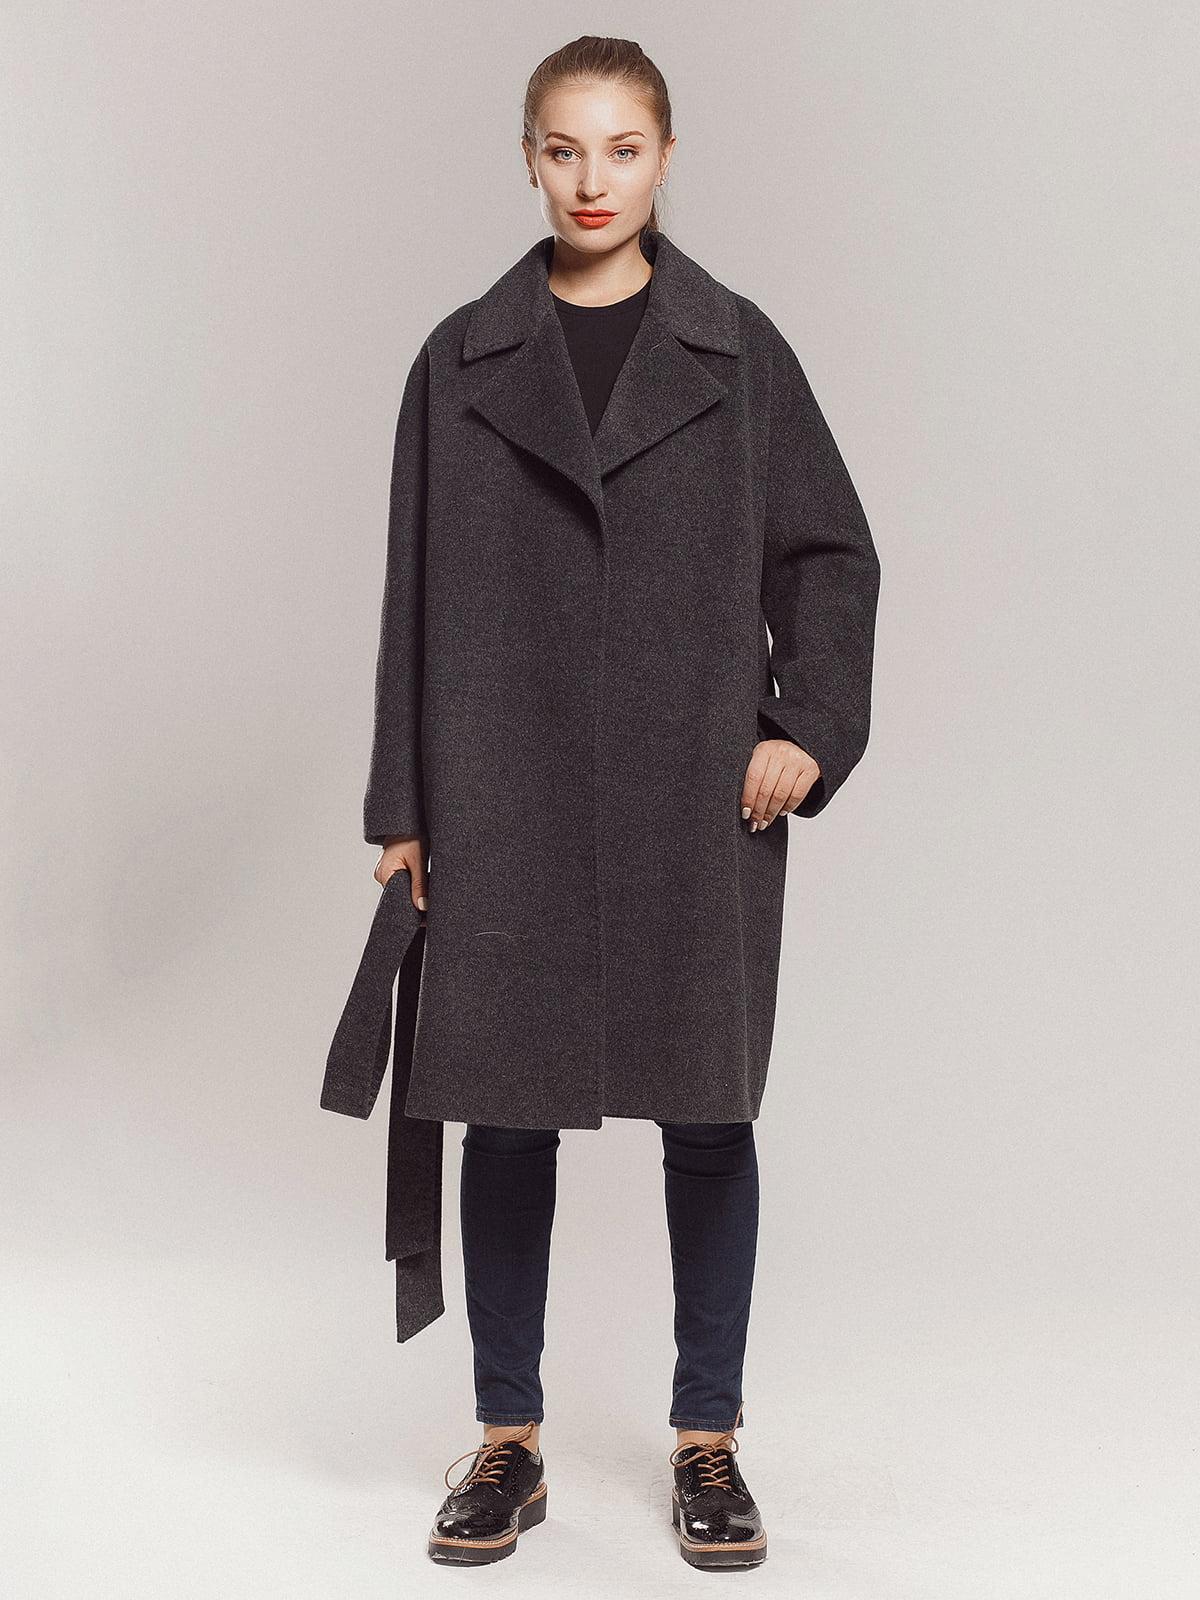 Пальто сіре | 4739366 | фото 3